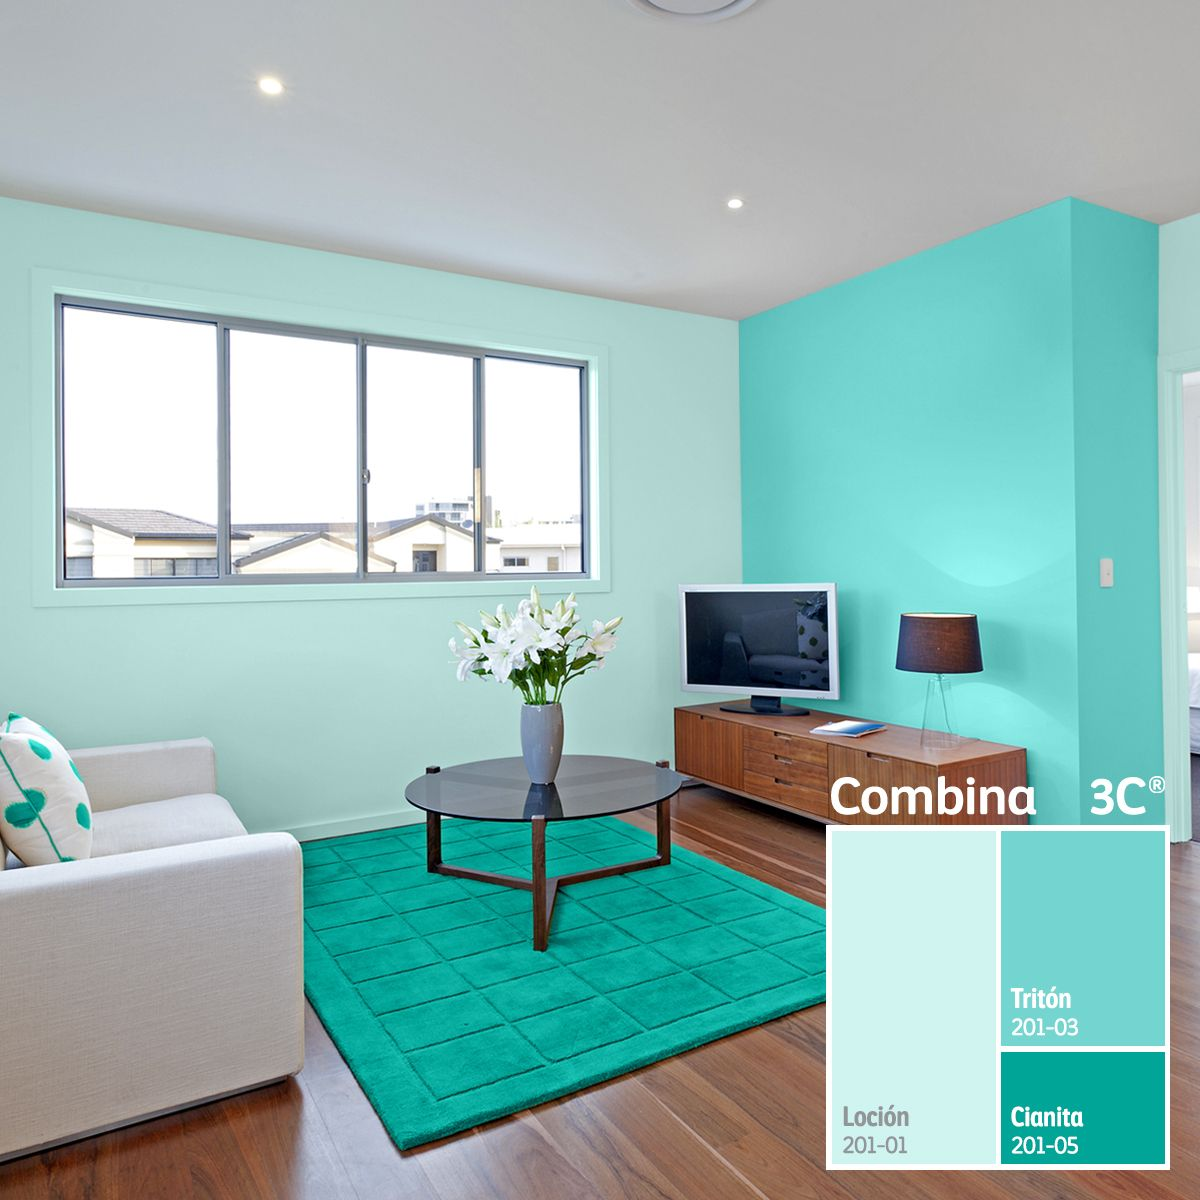 Para crear combinaciones monocrom ticas s lo debes elegir for Pintura interior colores combinaciones